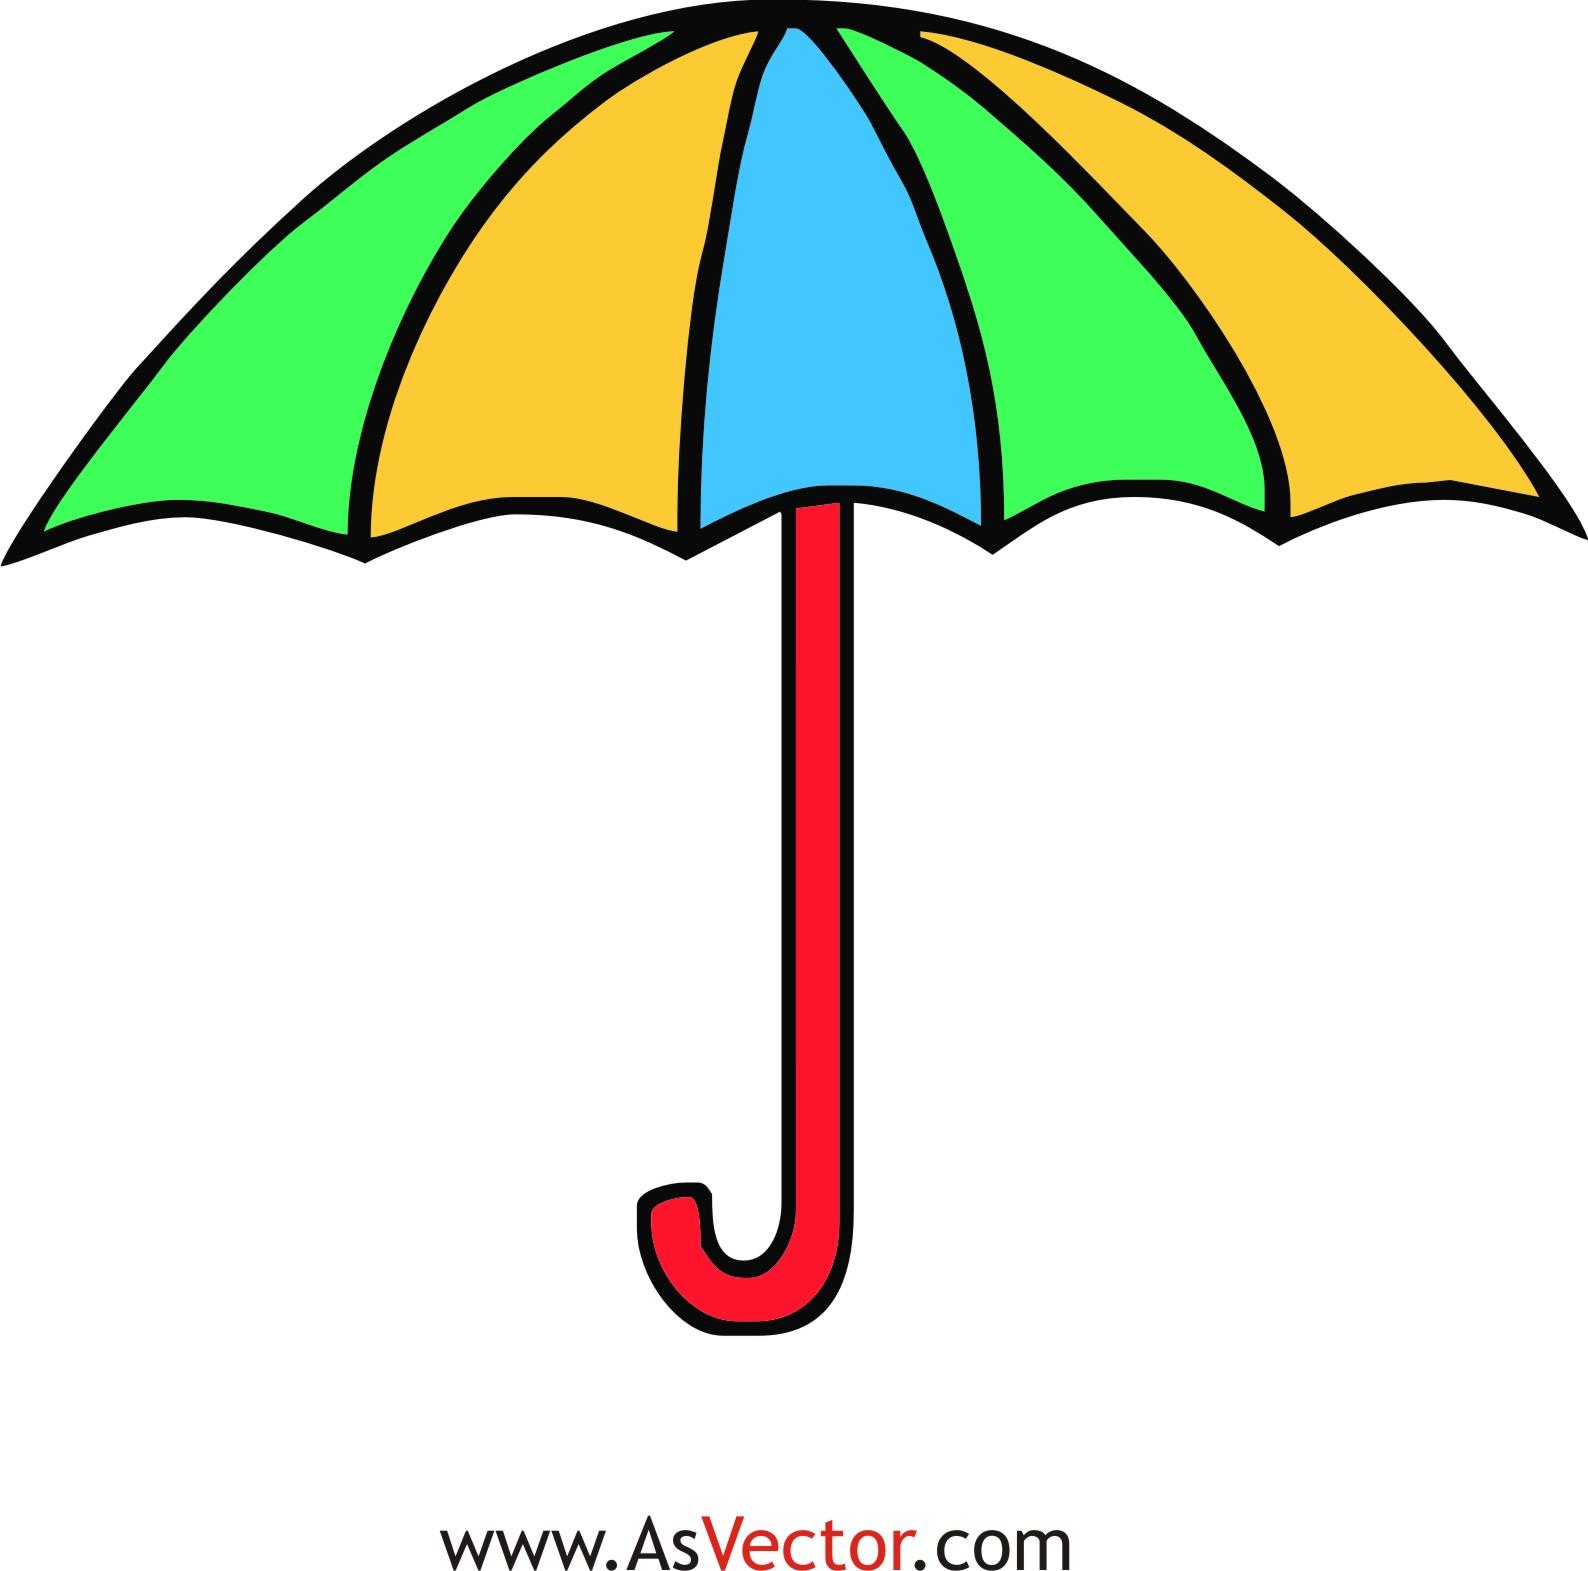 Covered clipart umbrella Clip public clipart microsoft free